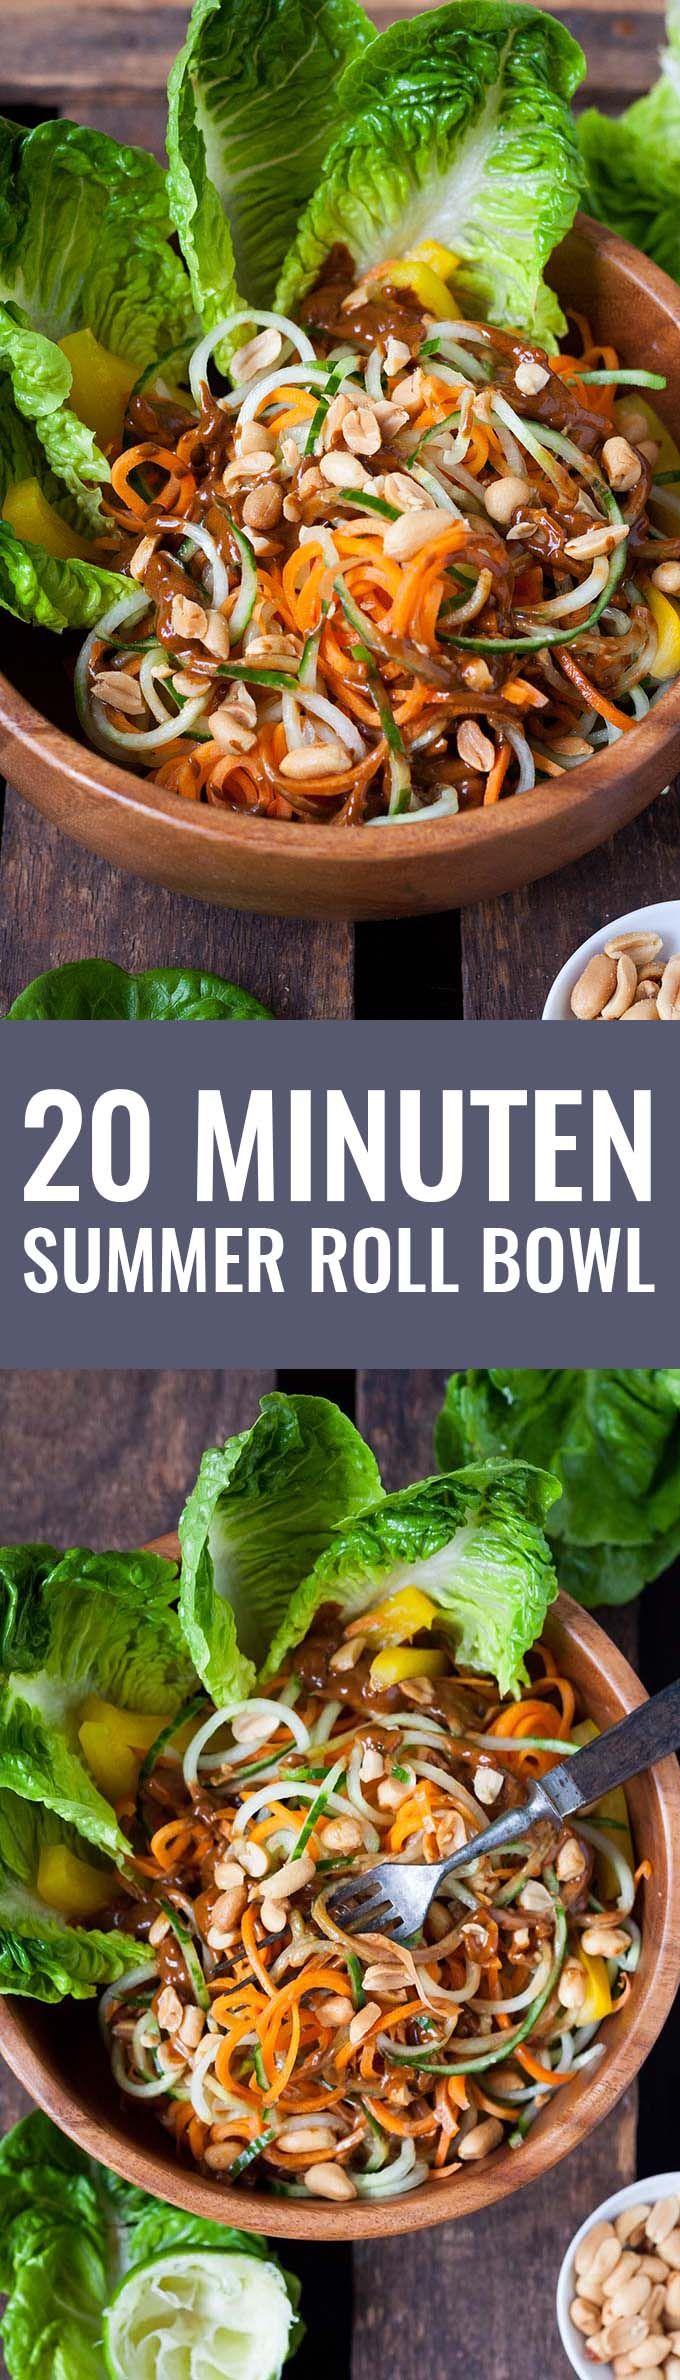 20 Minuten Summer Roll Bowl - Kochkarussell.com